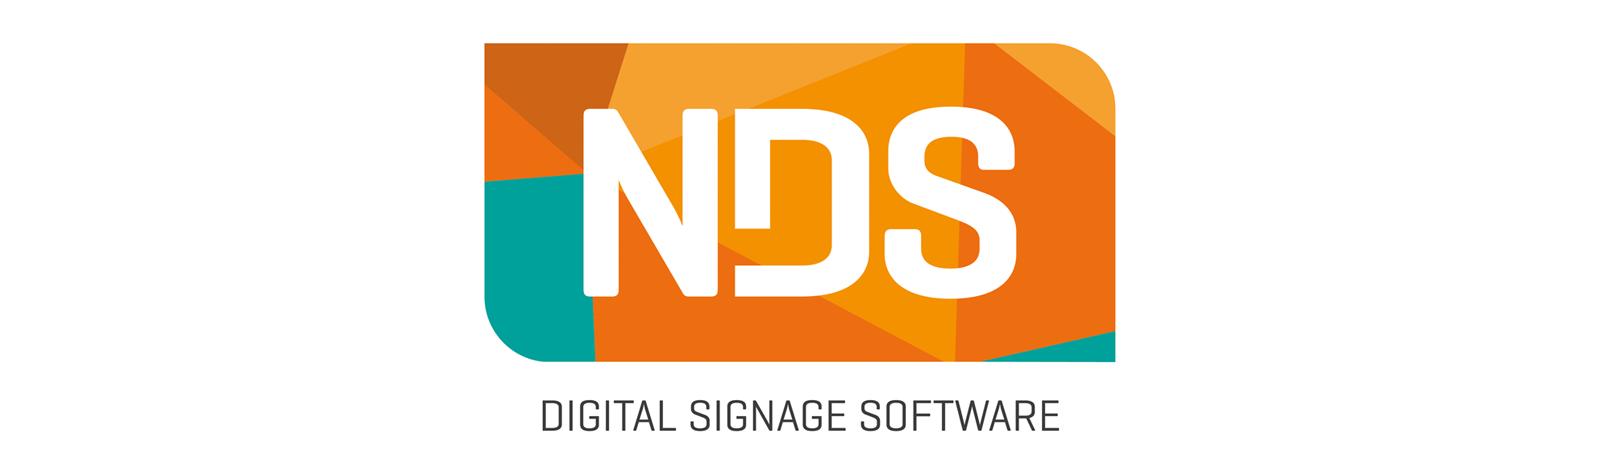 Meet the new NDS